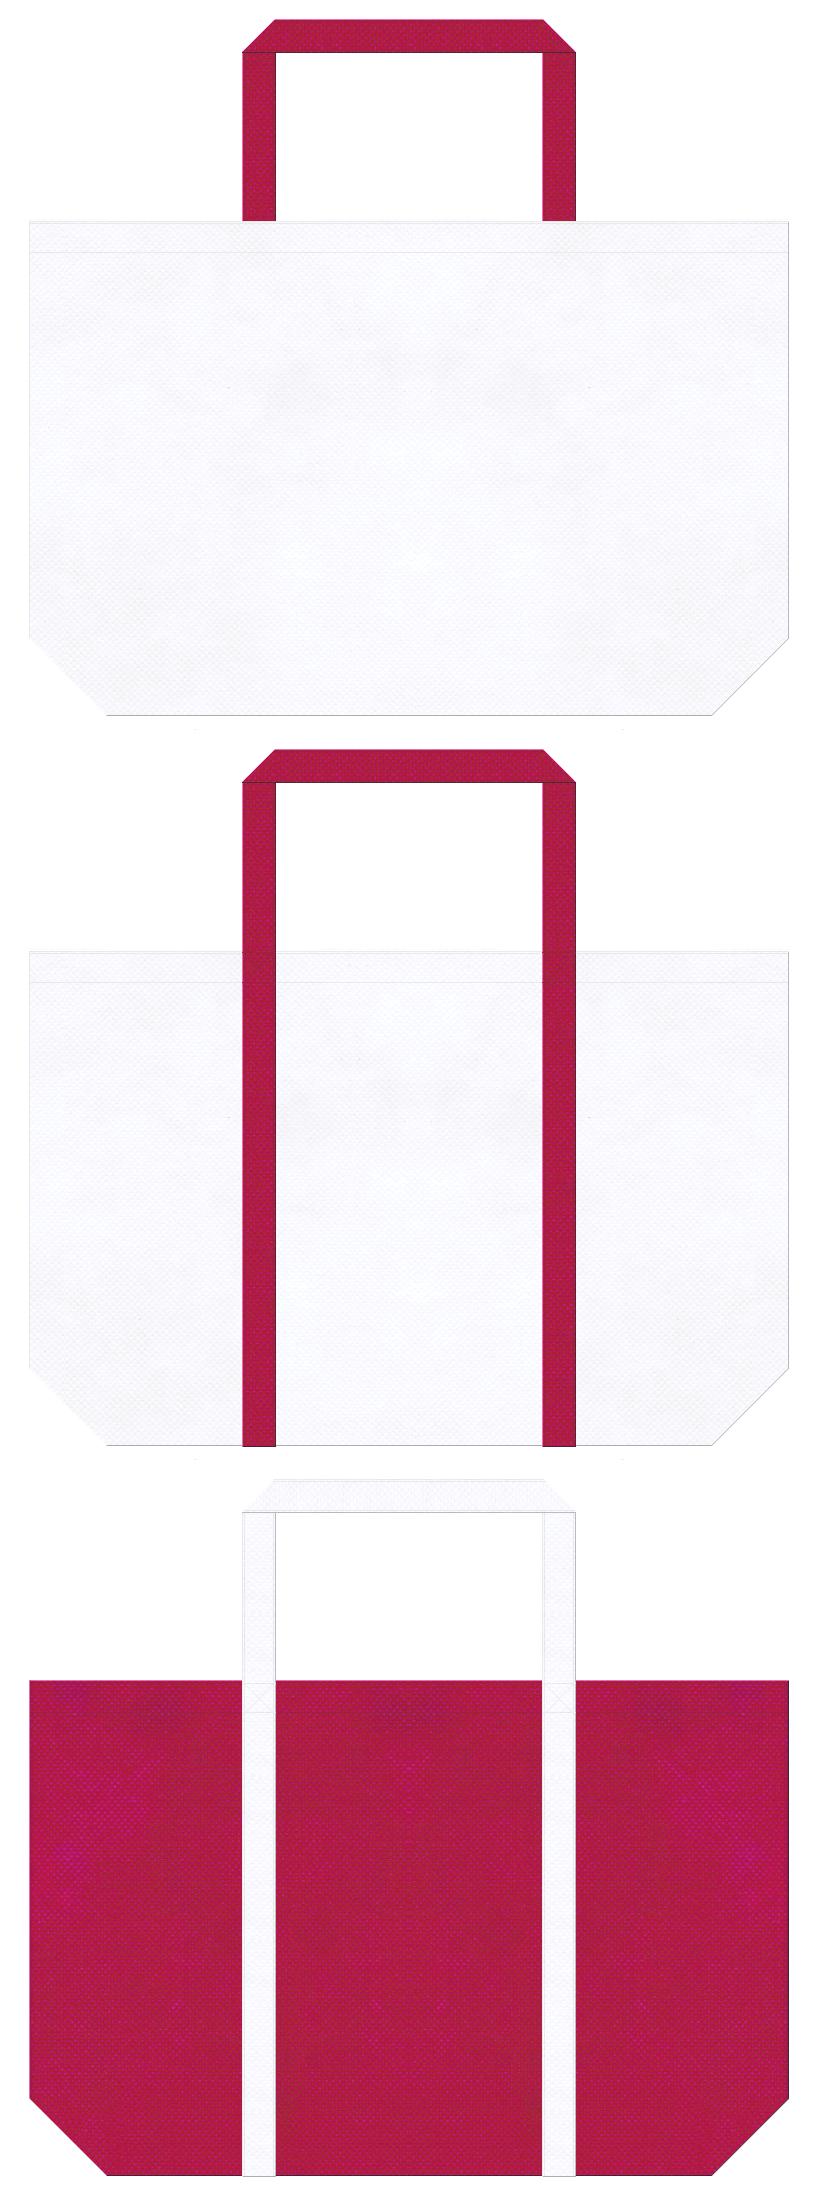 ロボット・病院・看護士研修・医療機器・看護学部・学校・学園・オープンキャンパス・スポーツイベント・スポーツバッグにお奨めの不織布バッグデザイン:白色と濃いピンク色のコーデ